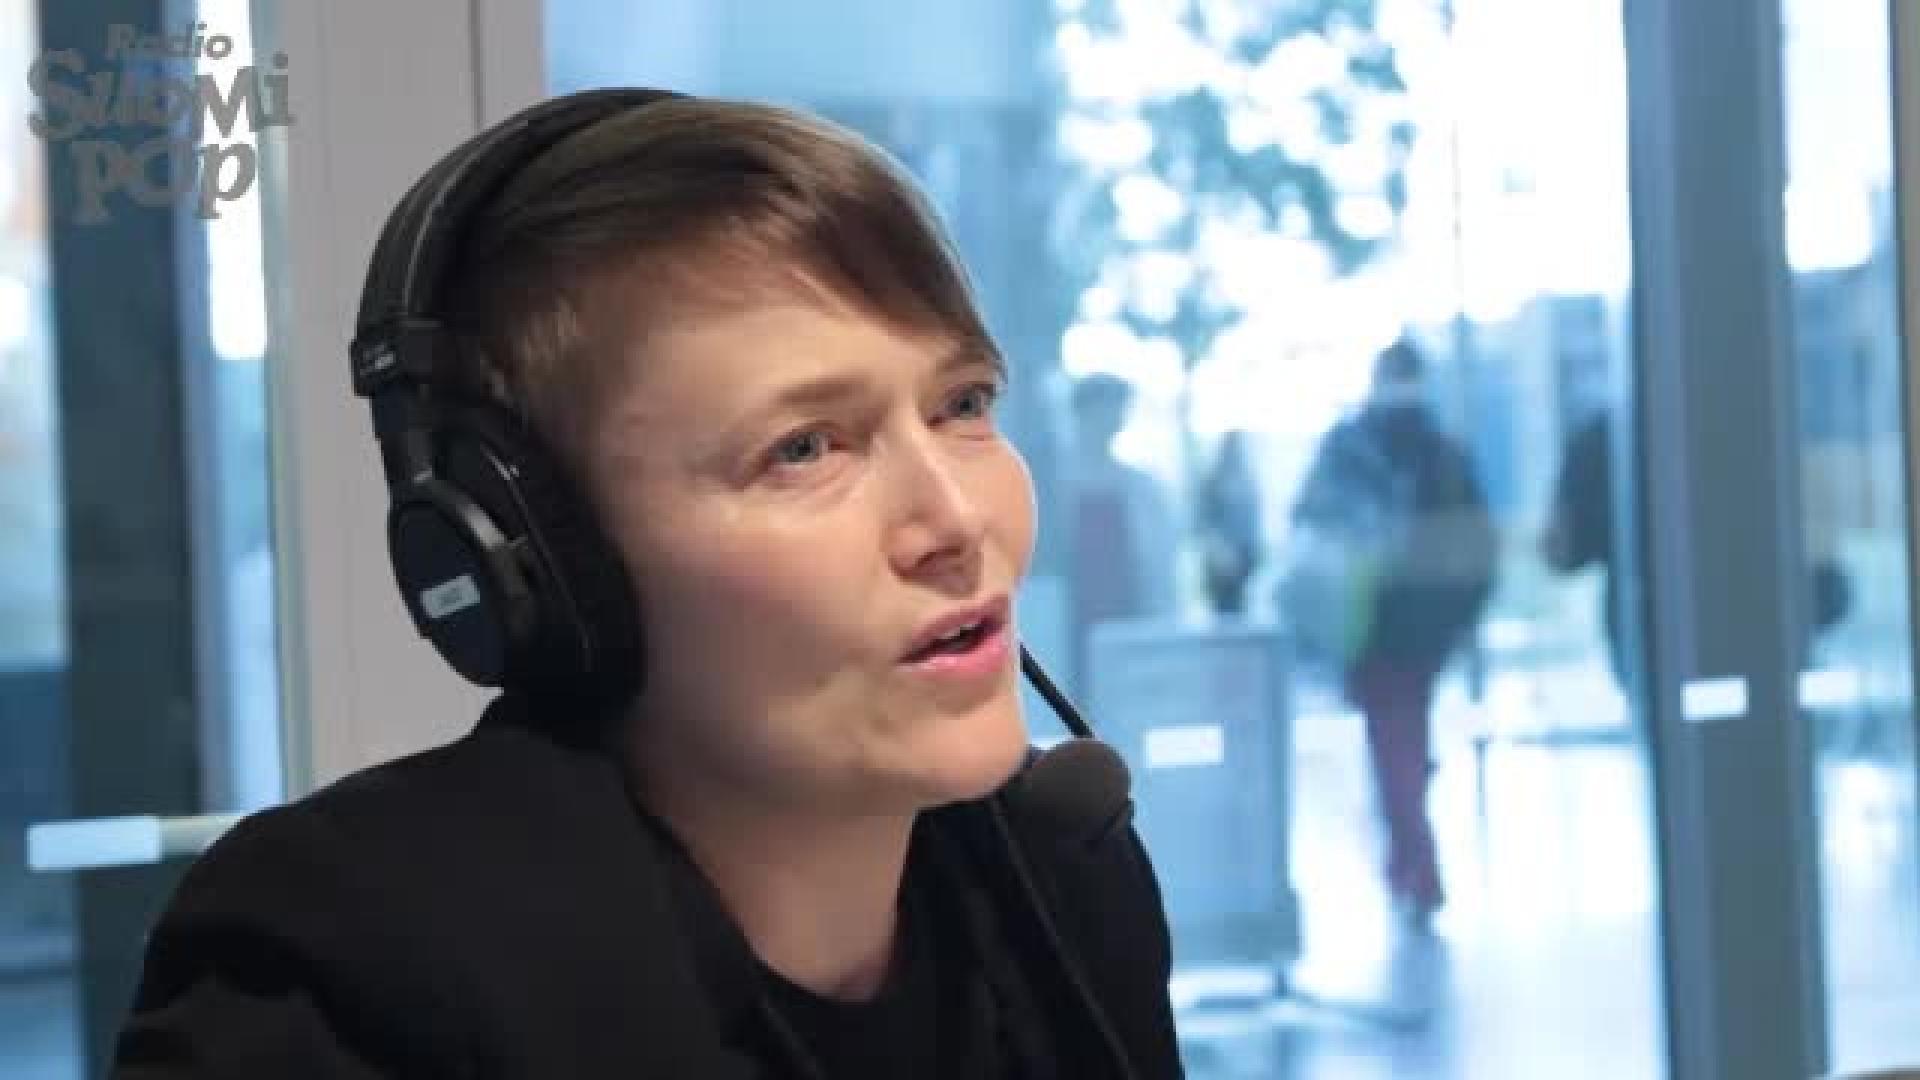 Sari Wallenius